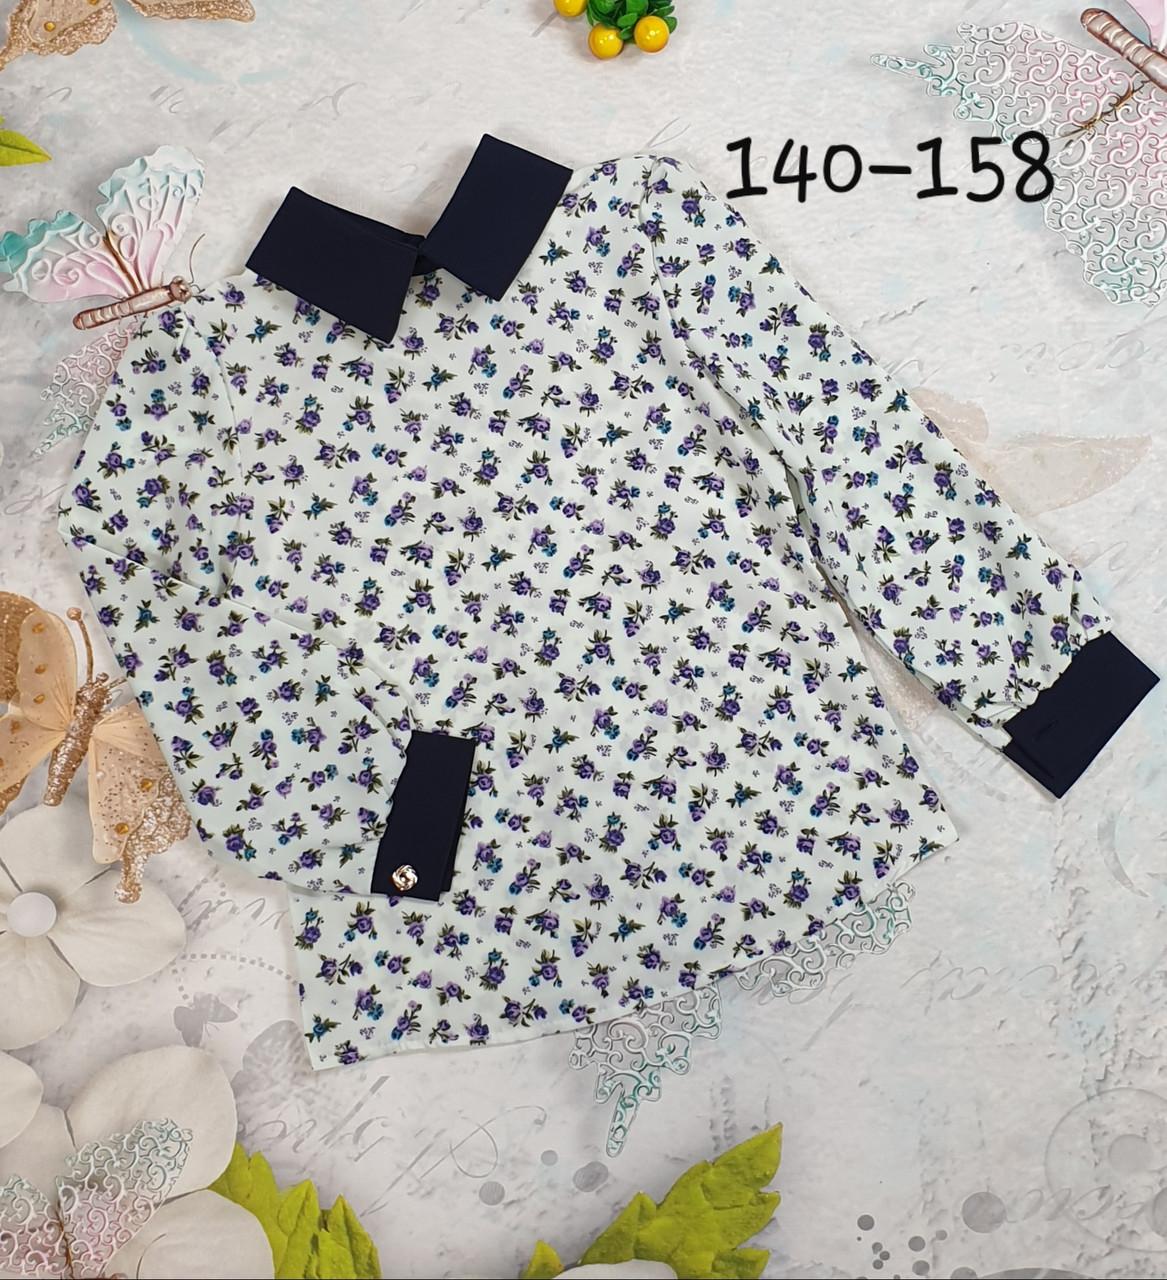 Блузка с длинным рукавом 140-158  на белом мелкие цветы